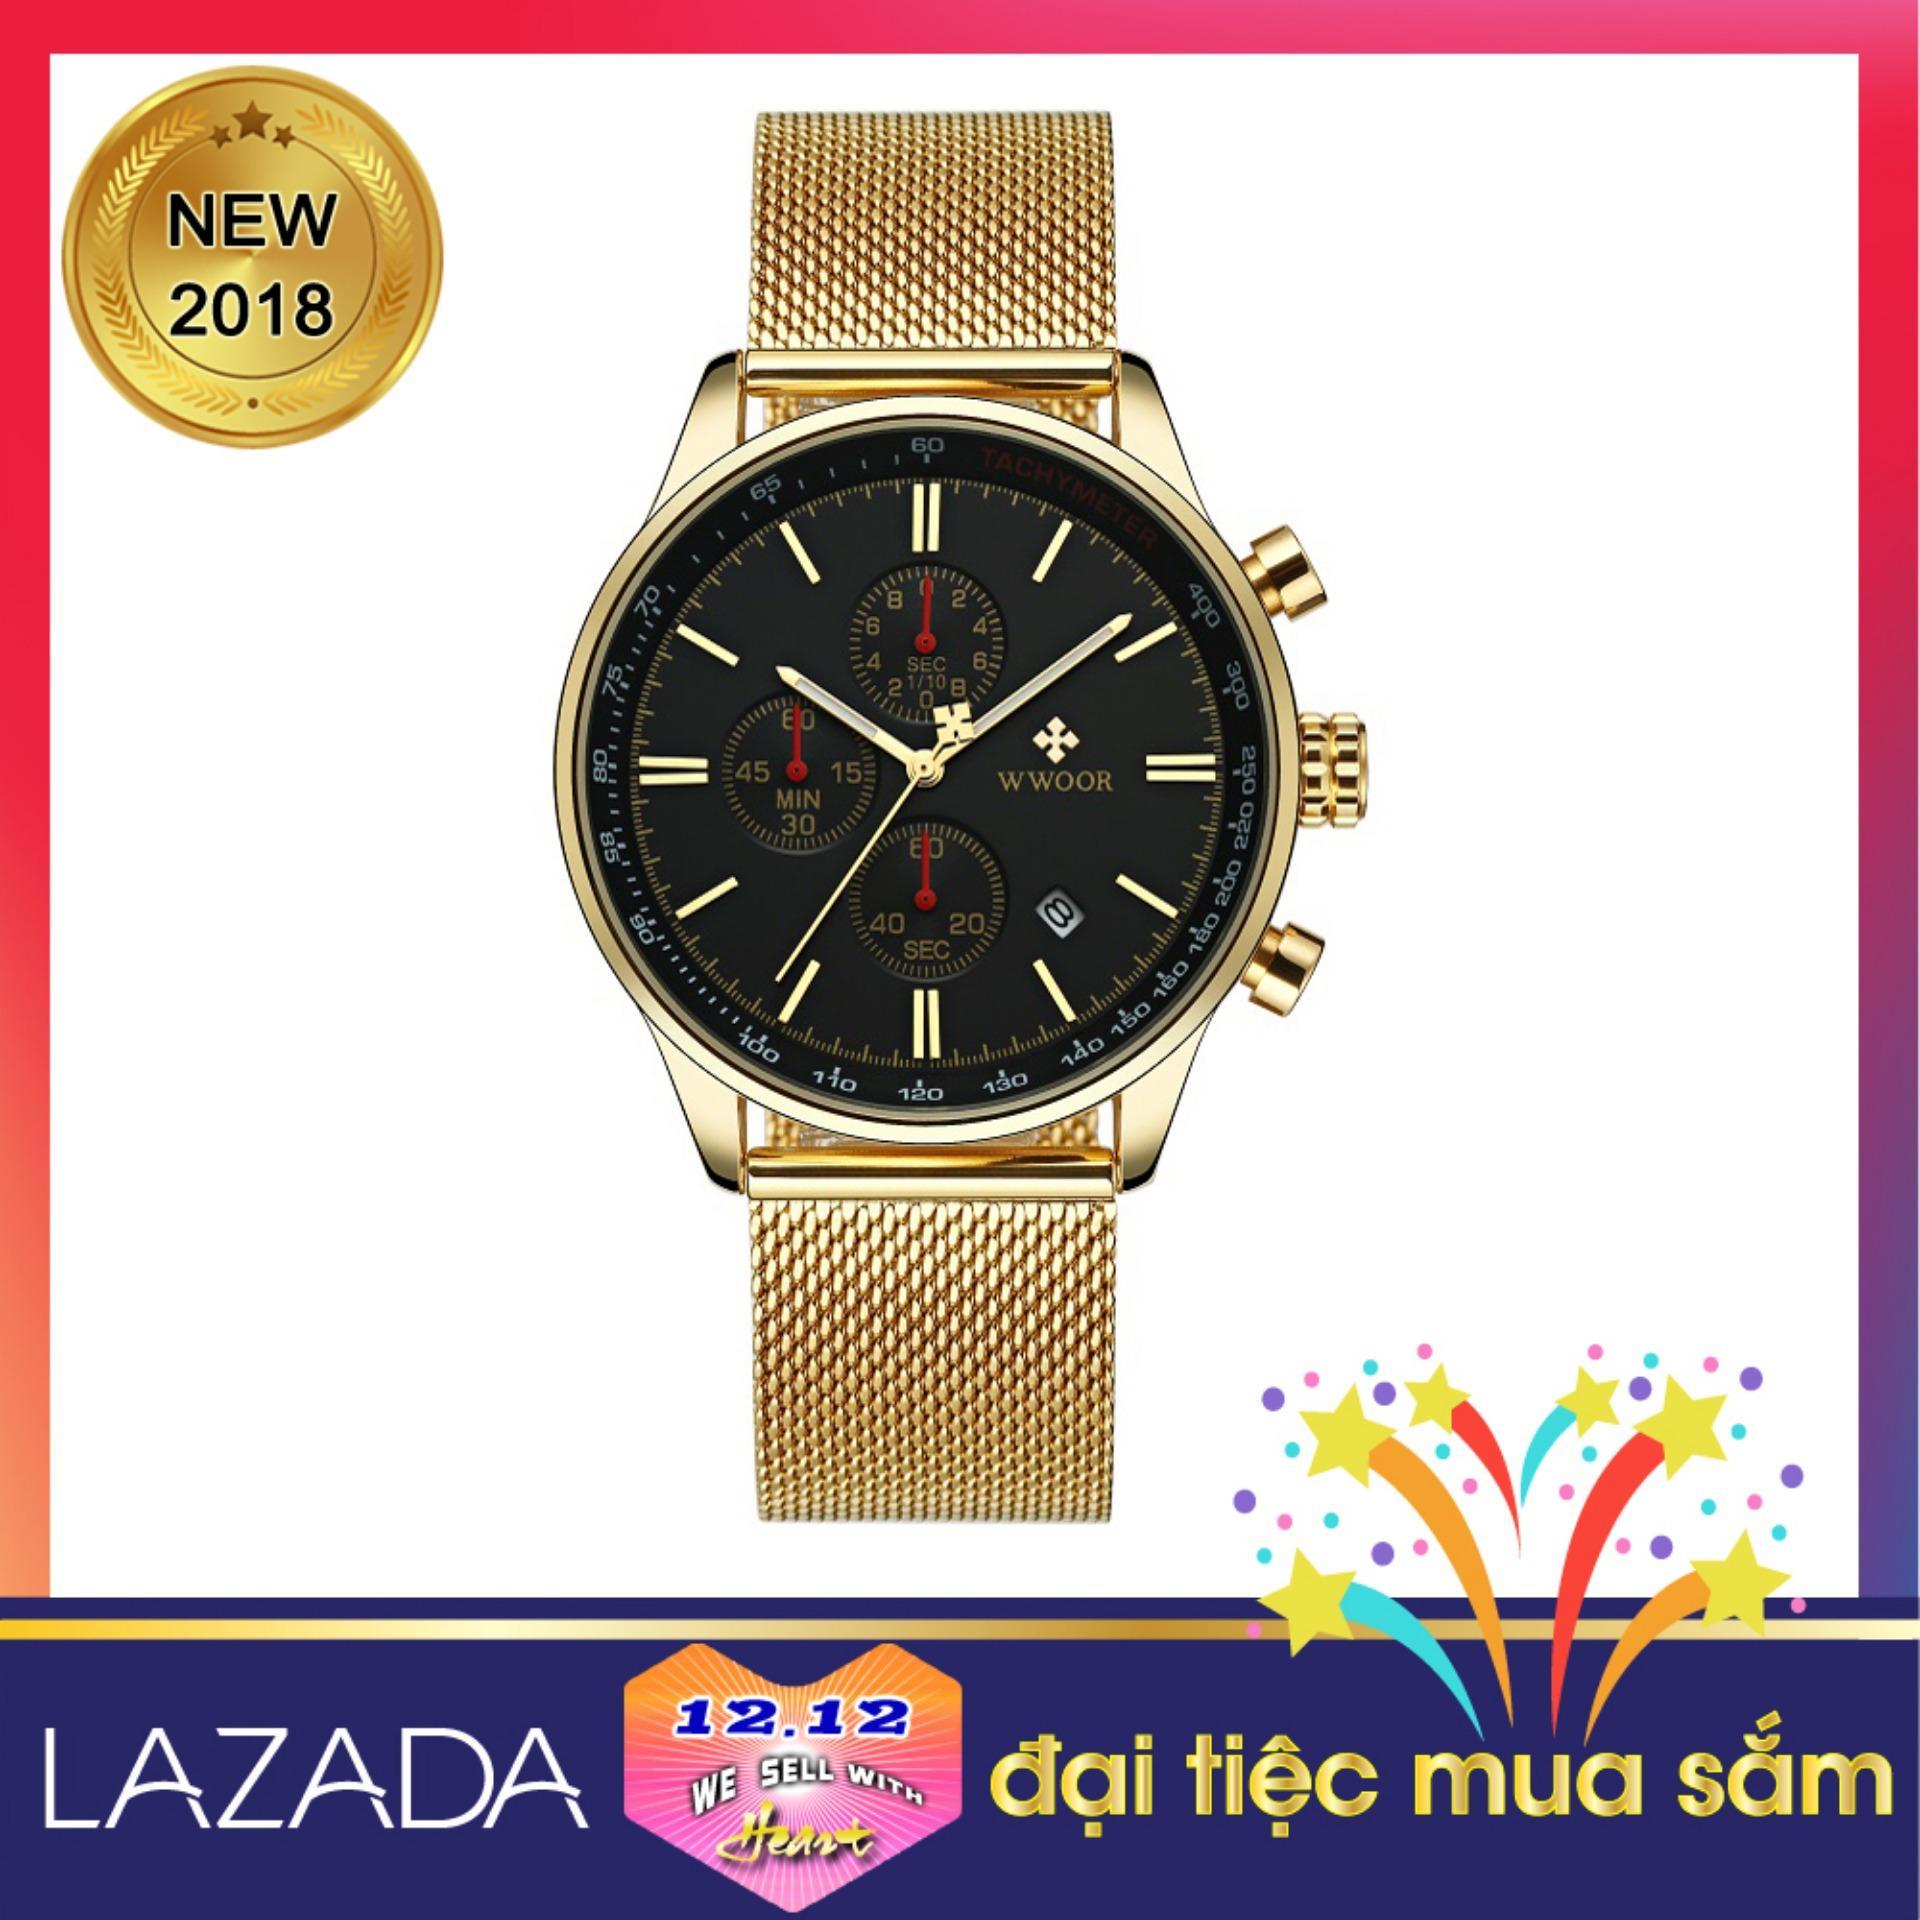 Đồng hồ đeo tay nam đẹp và sang WWOOR 8862, tặng Pin đồng hồ SONY 920 Japan Nhật Bản